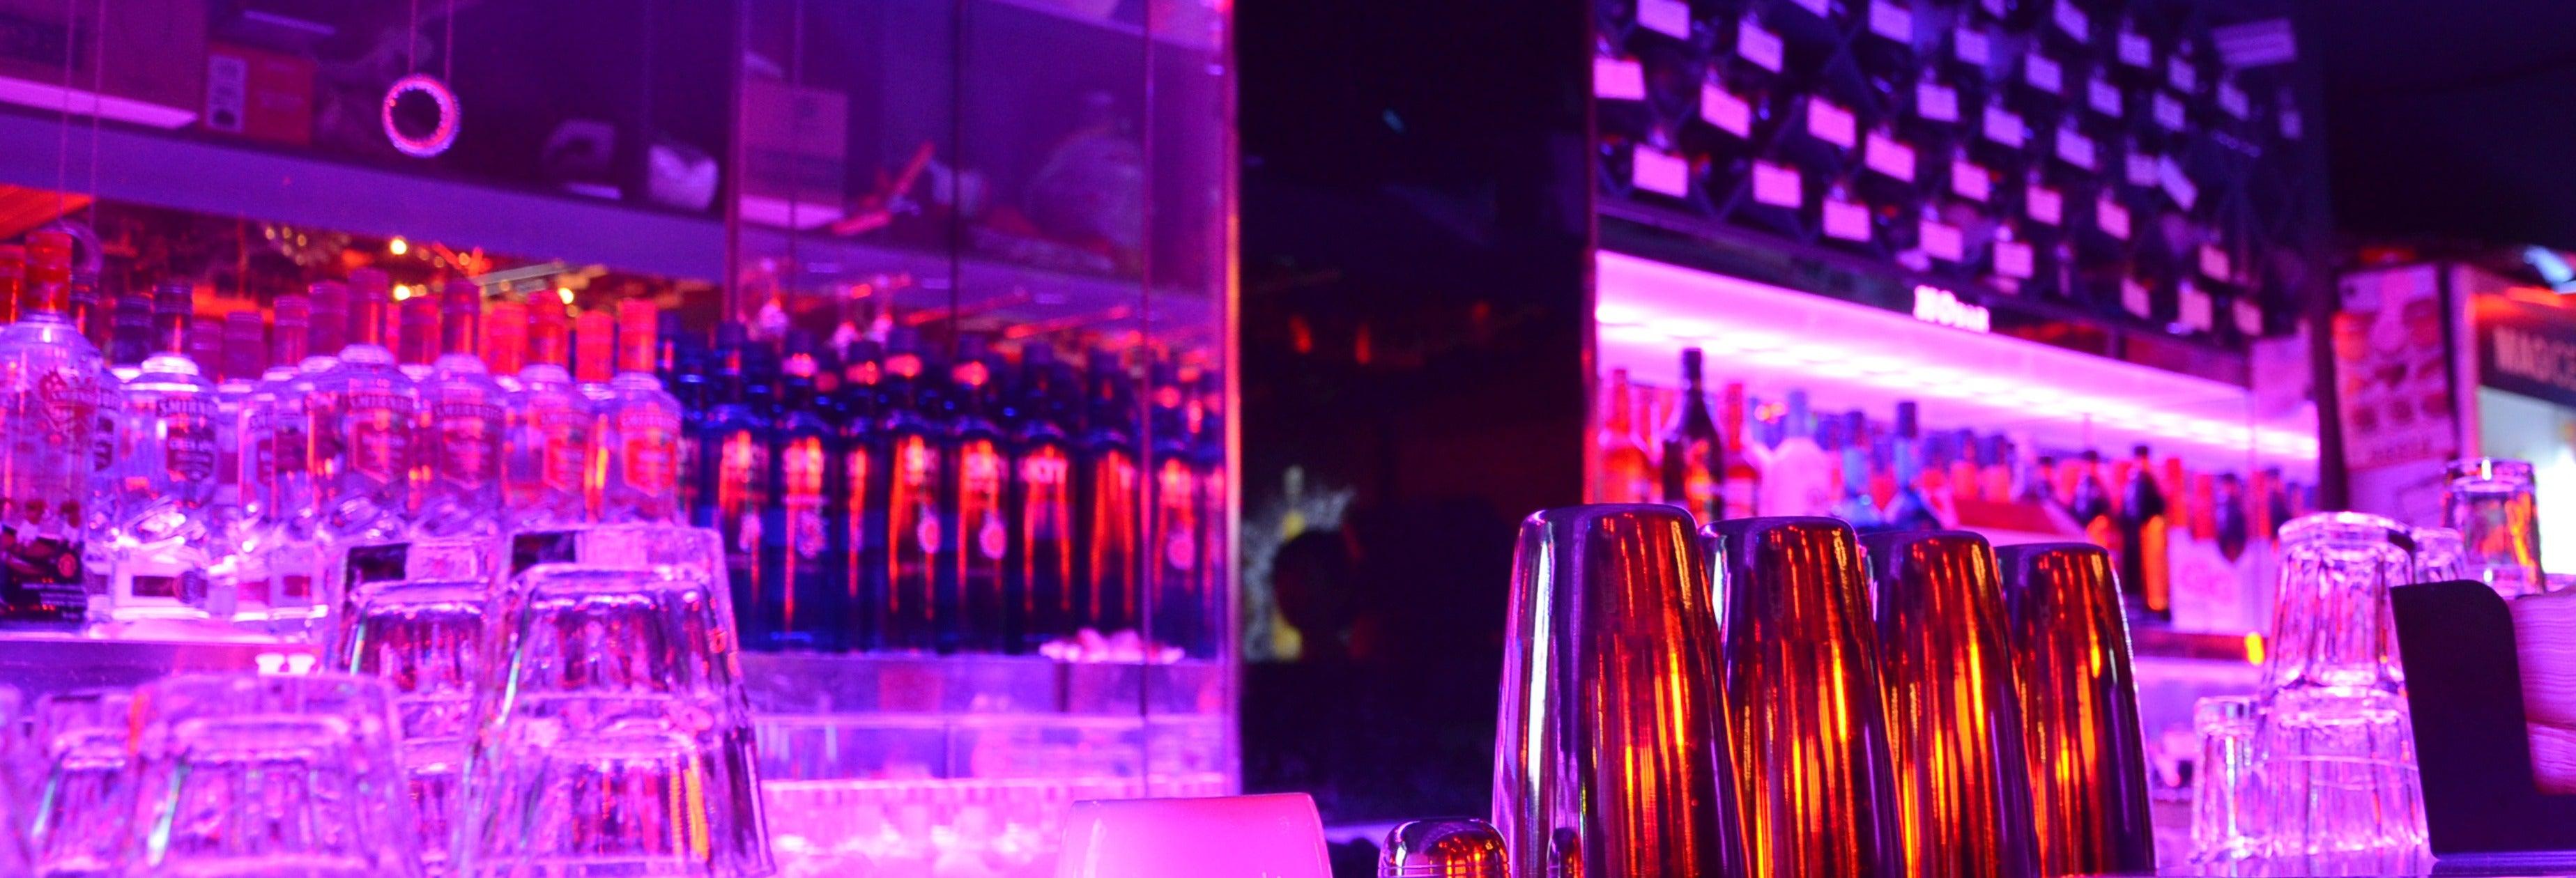 Pub Crawl, visite festive dans Séoul !